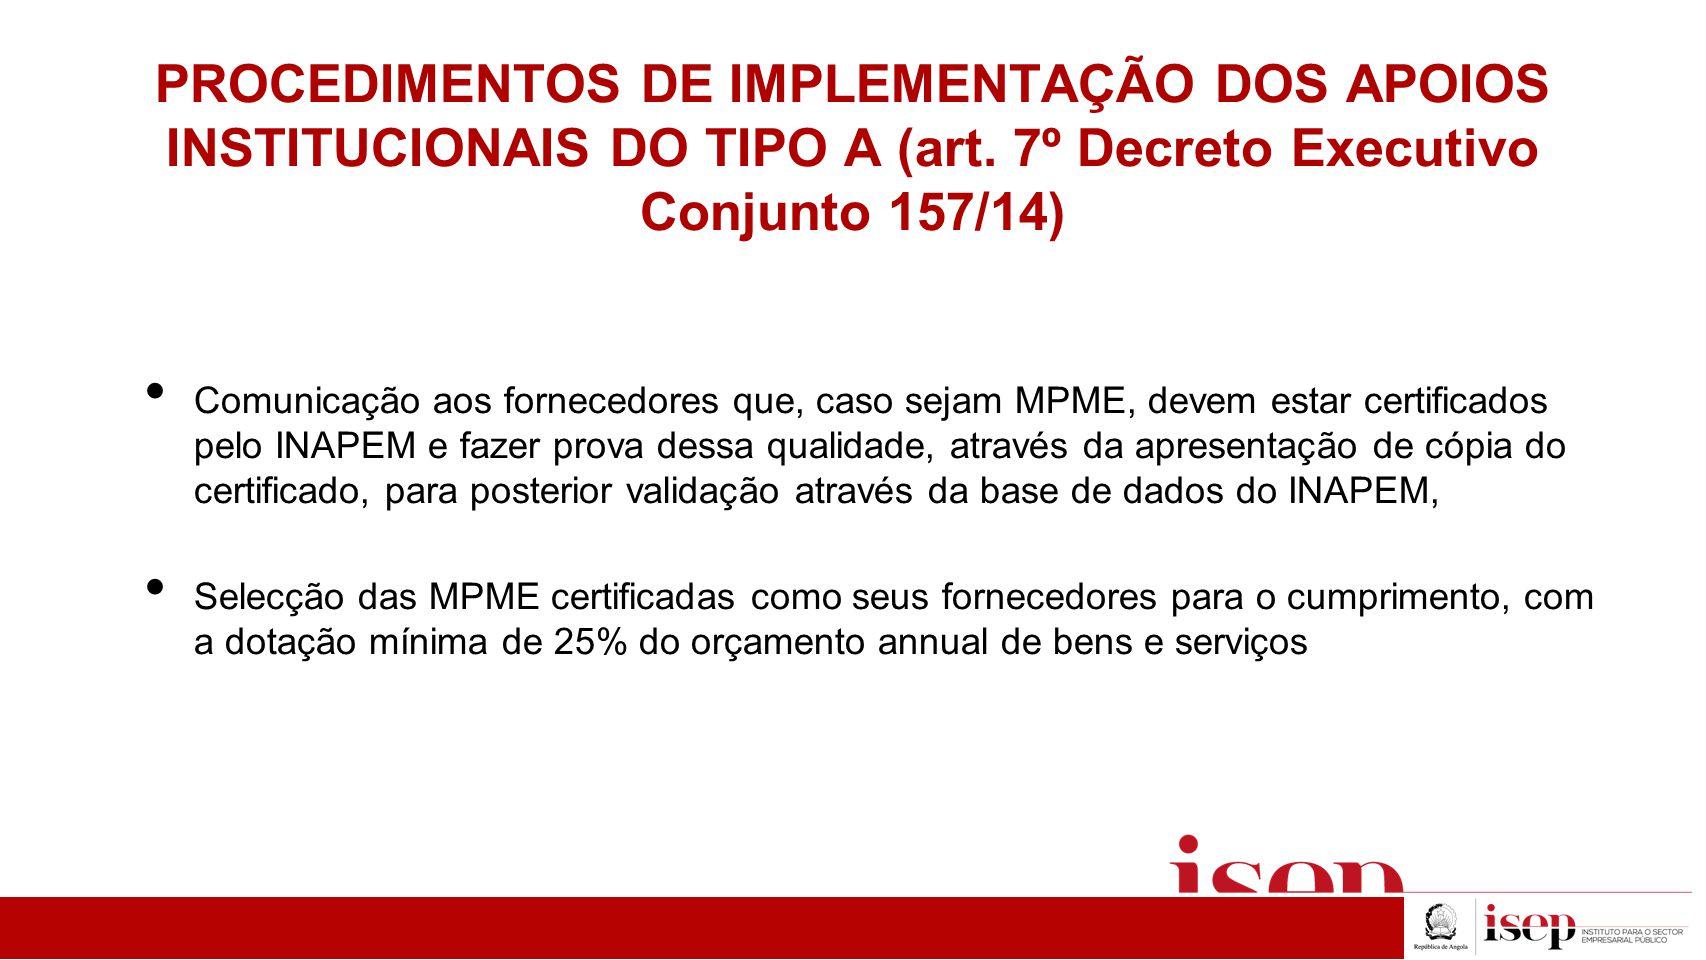 PROCEDIMENTOS DE IMPLEMENTAÇÃO DOS APOIOS INSTITUCIONAIS DO TIPO A (art. 7º Decreto Executivo Conjunto 157/14)